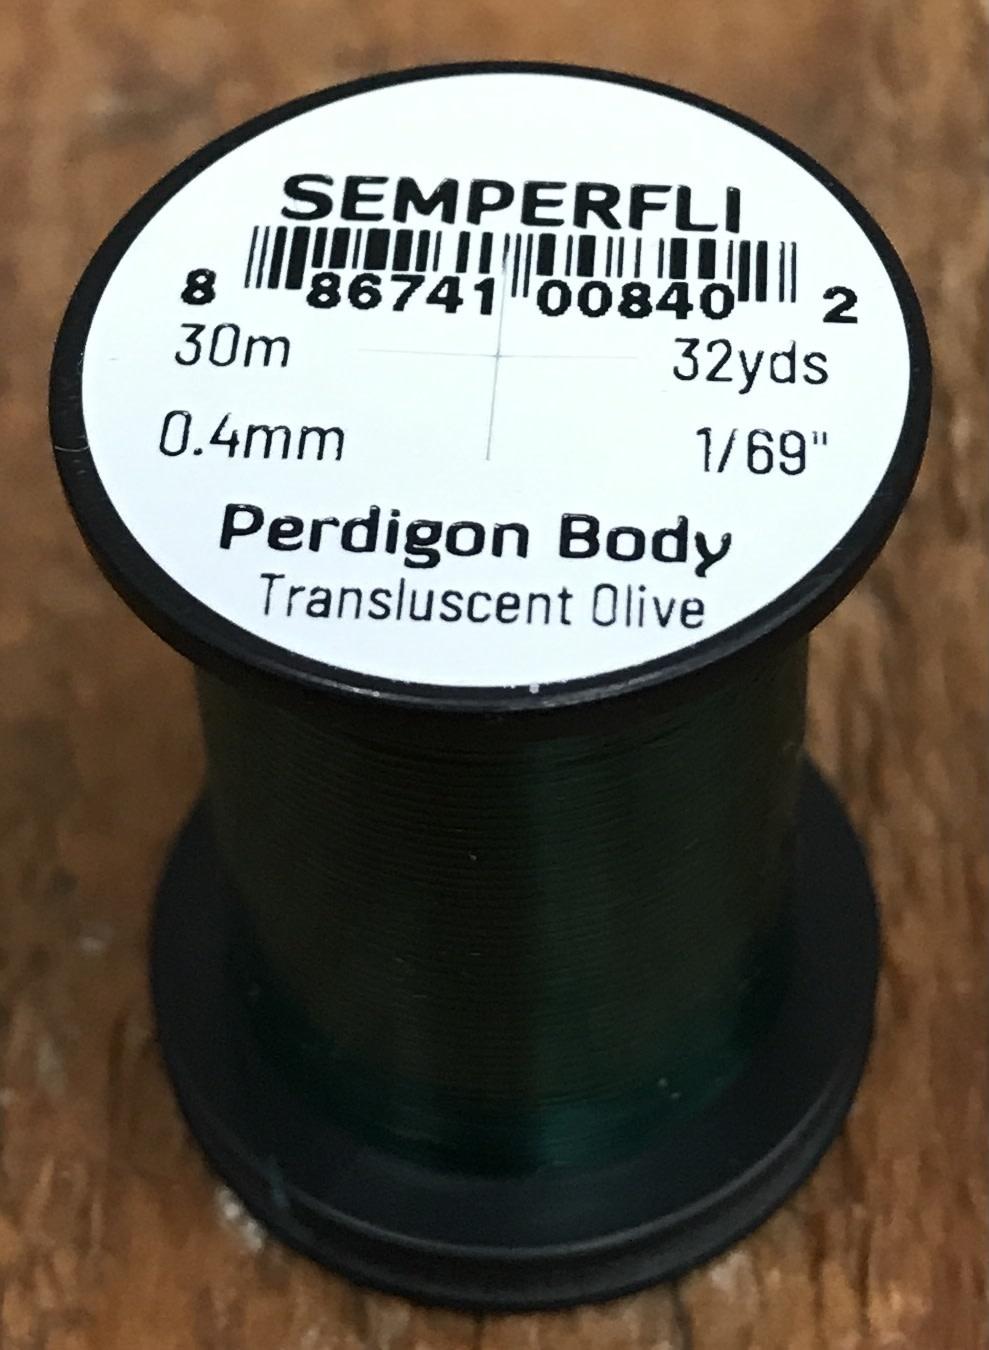 Semperfli Perdigon Body